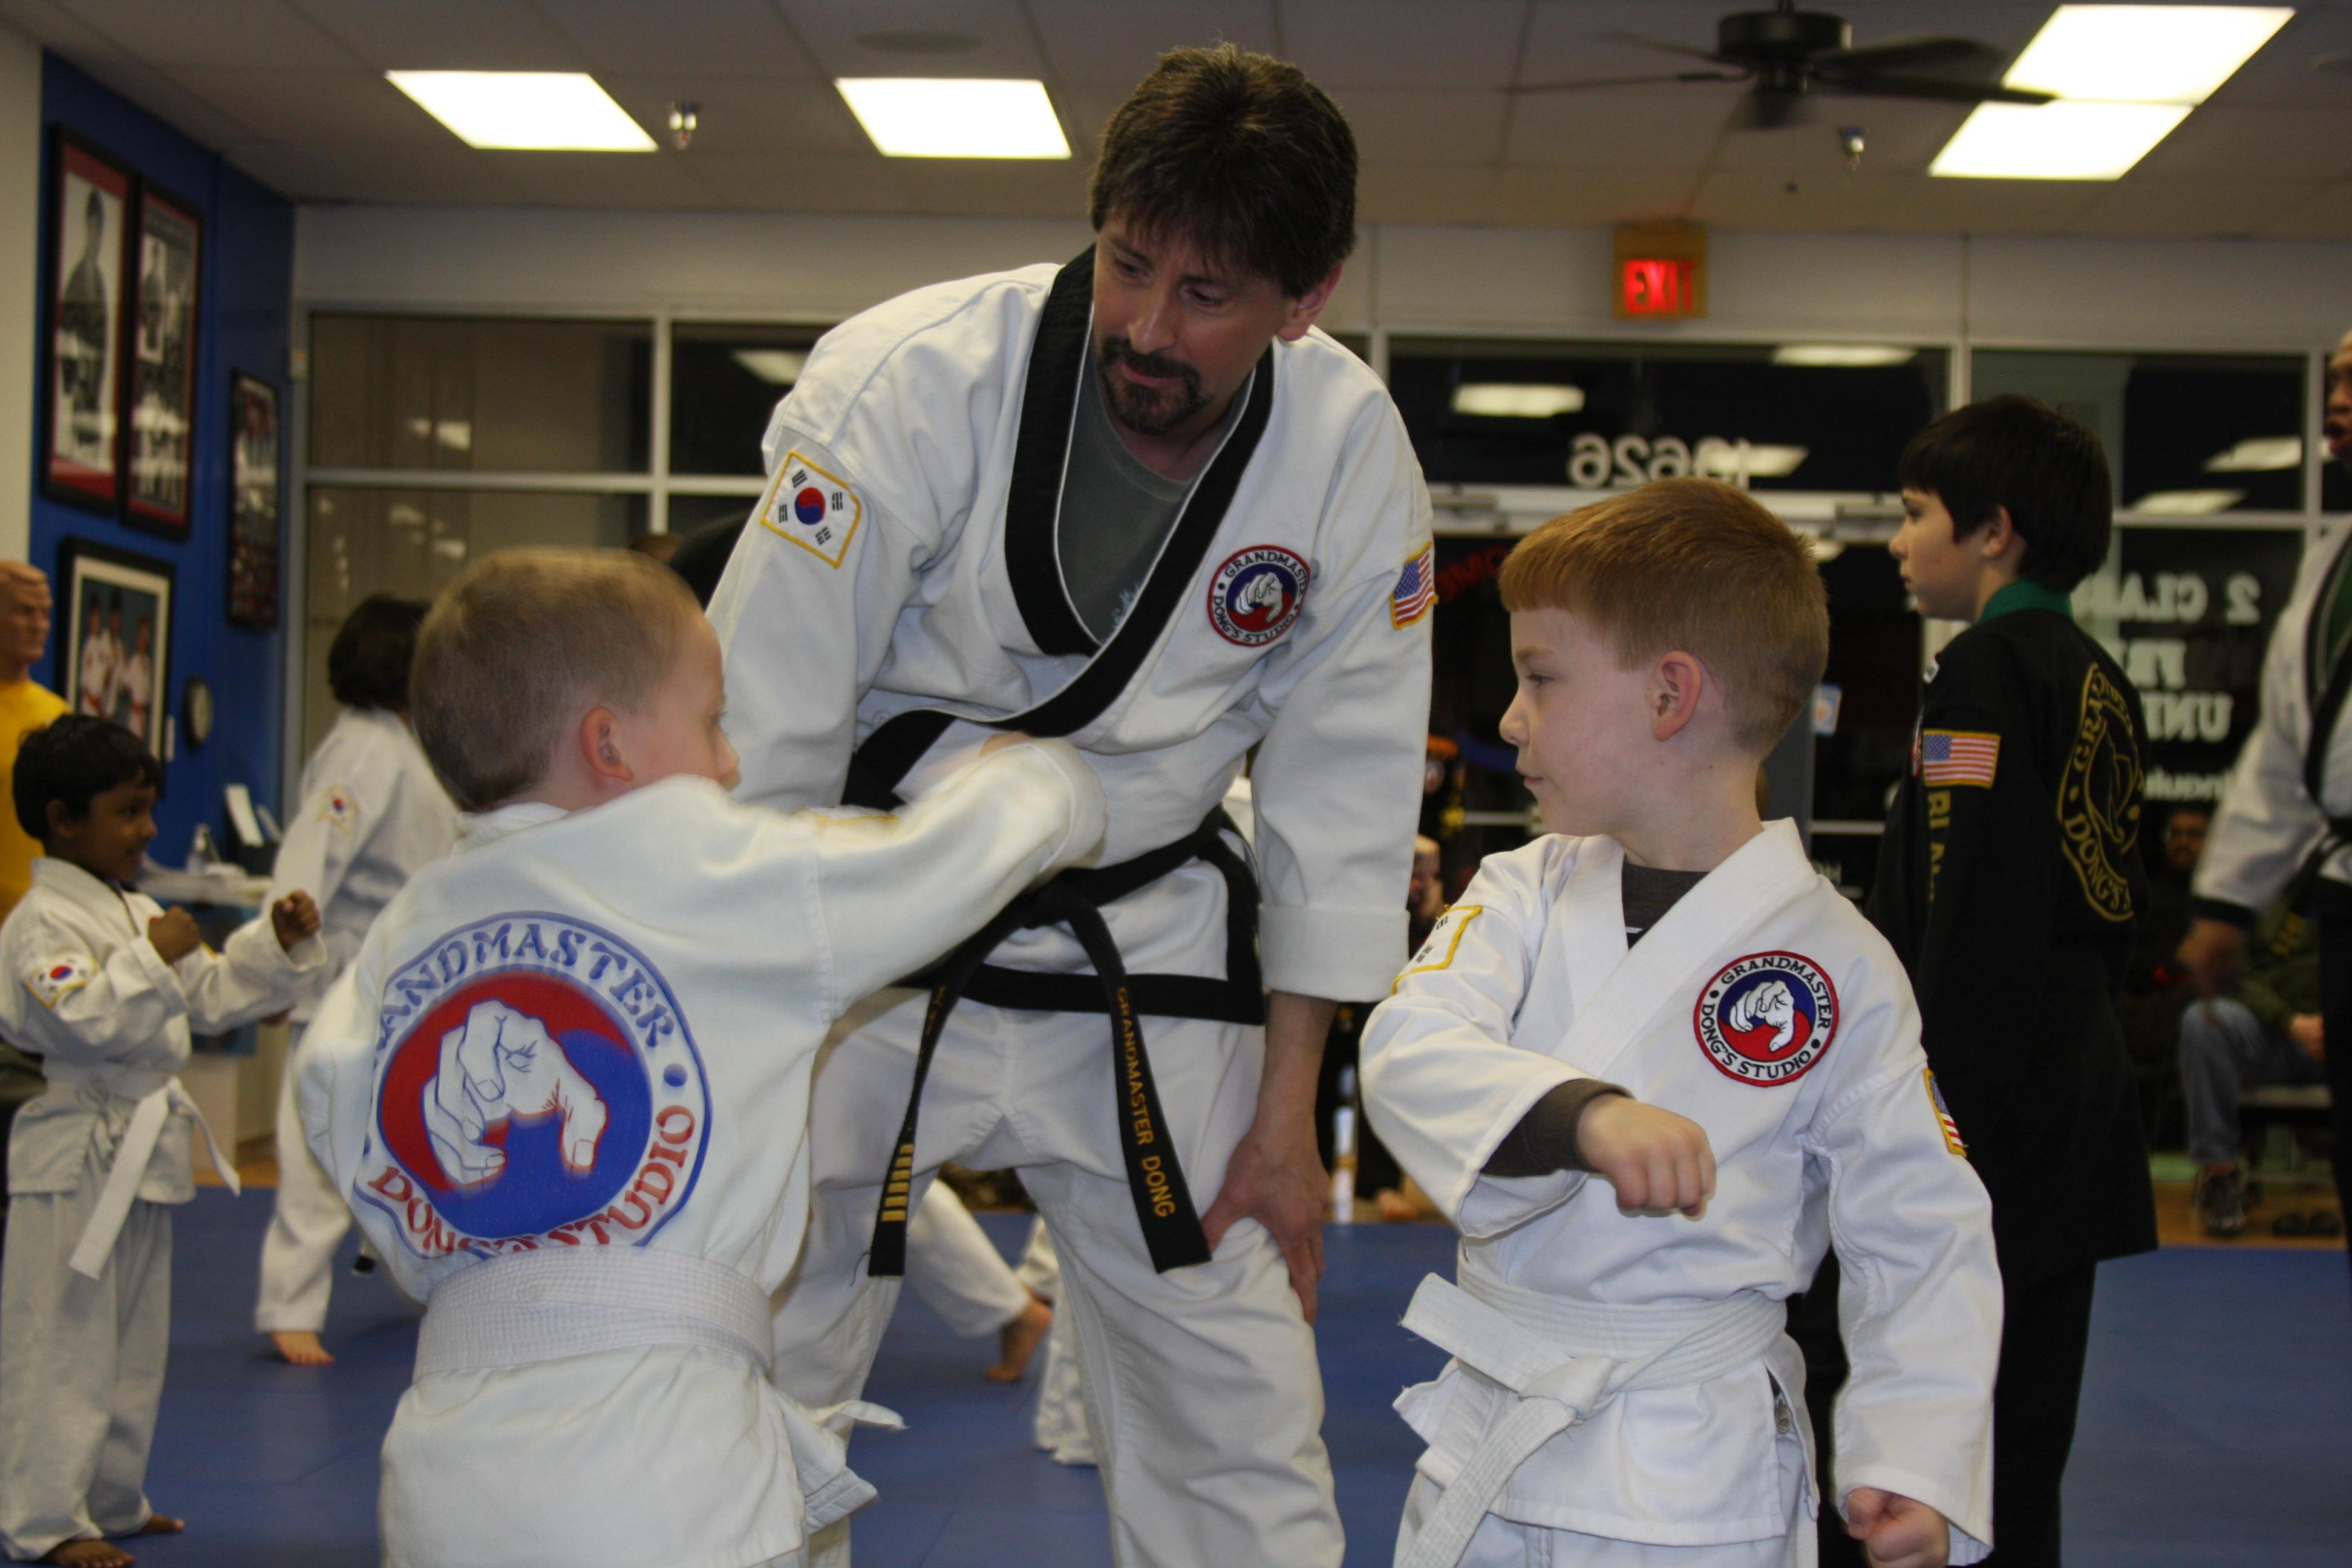 Dong's Karate School